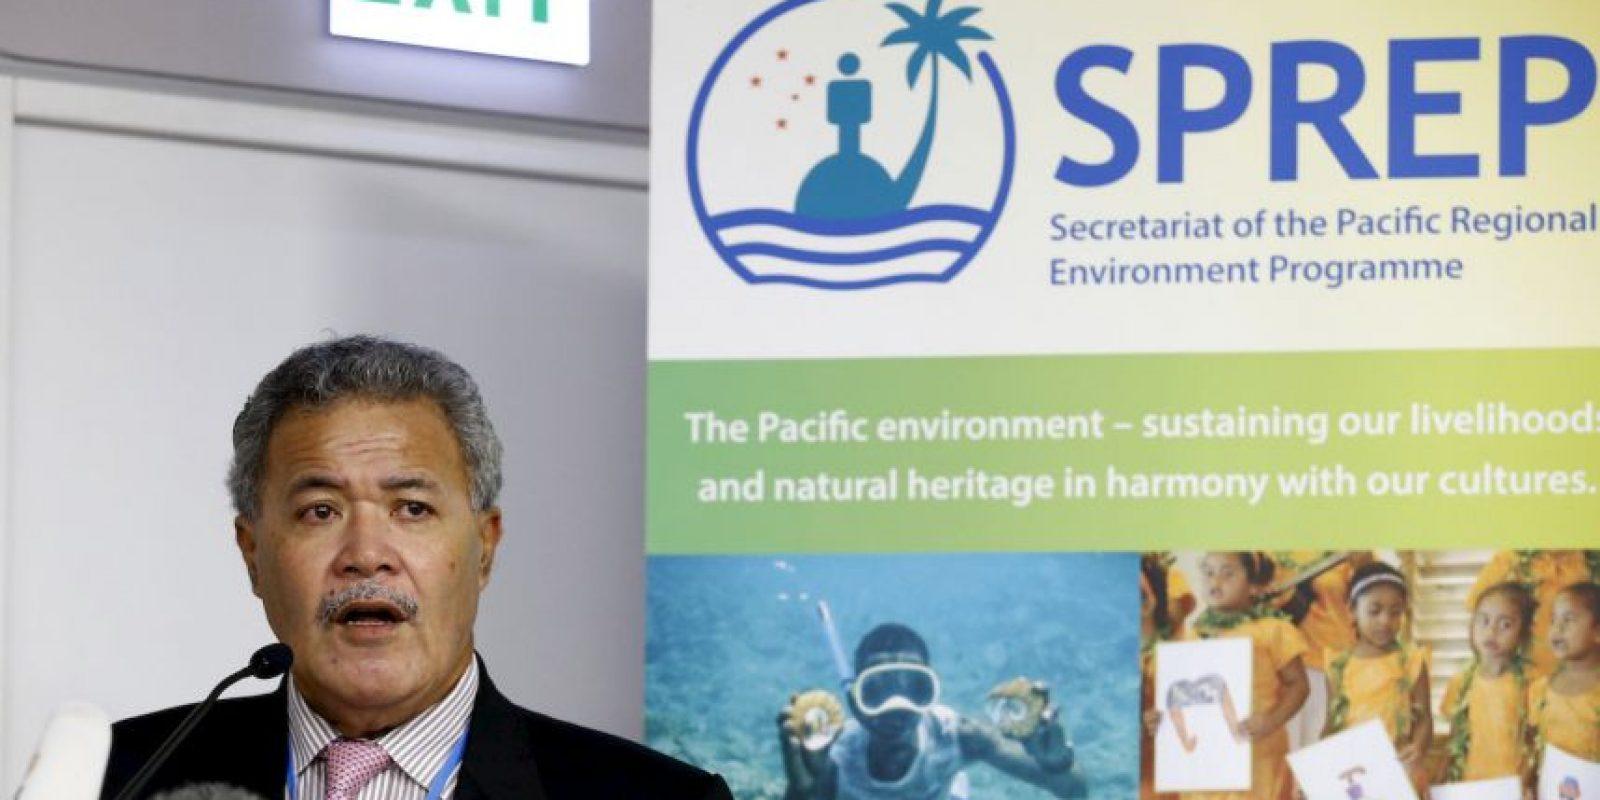 El primer ministro de la isla pidió ayuda durante la Cumbre del Clima (COP21) en París. Foto:AP